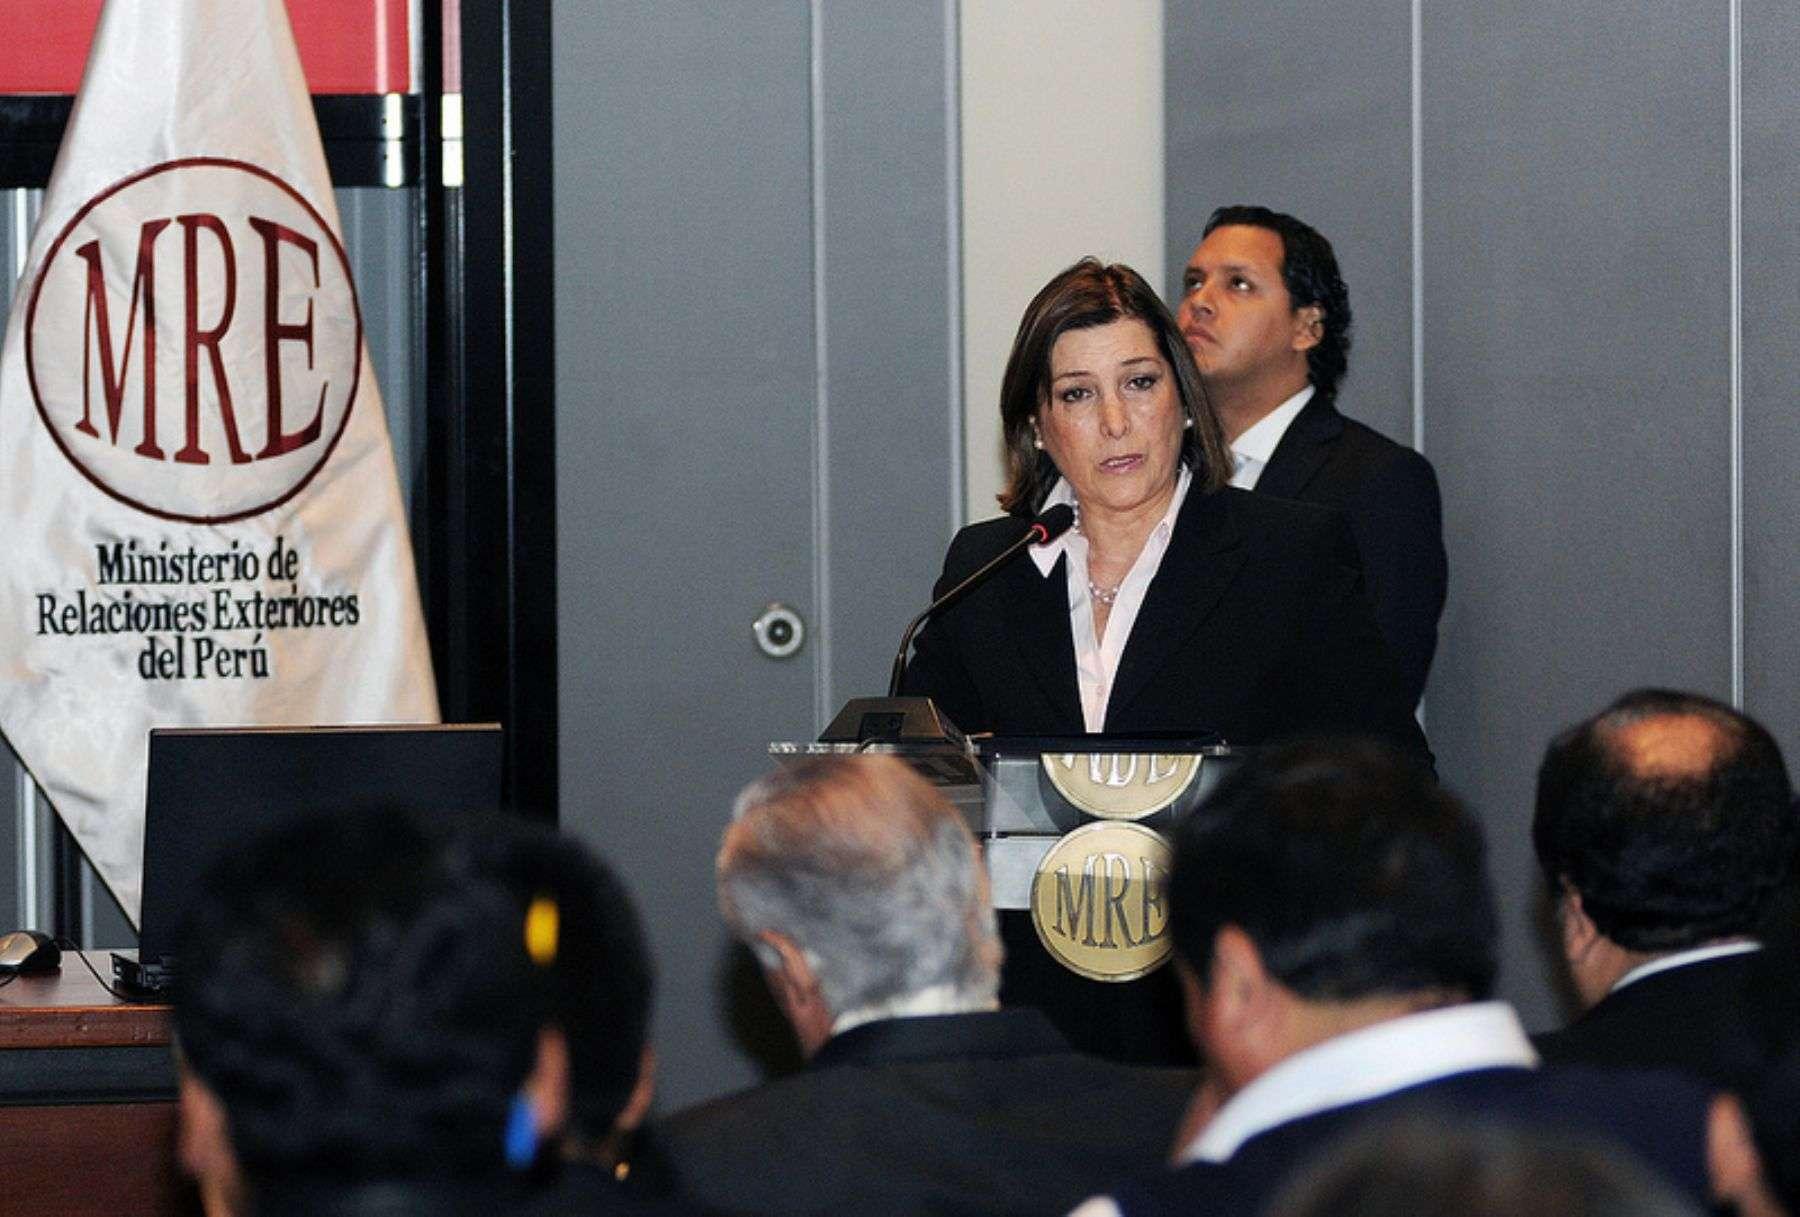 Perú y Chile fijaron coordenadas de nueva frontera marítima